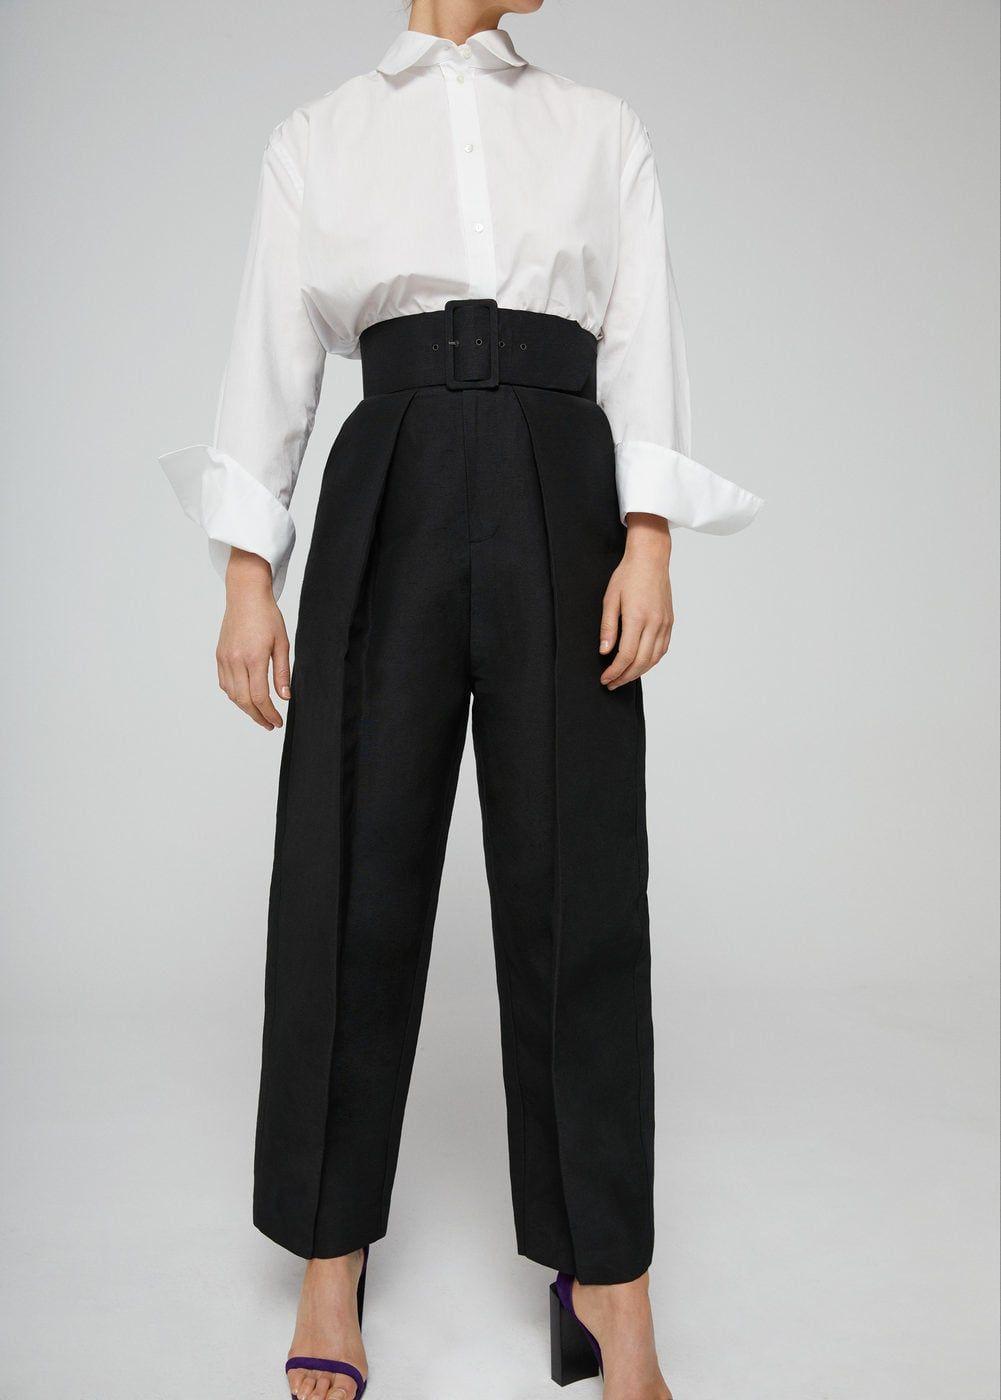 más cerca de variedades anchas Venta barata Pantalón lino cinturón - Mujer   Pantalones   Mango trousers ...